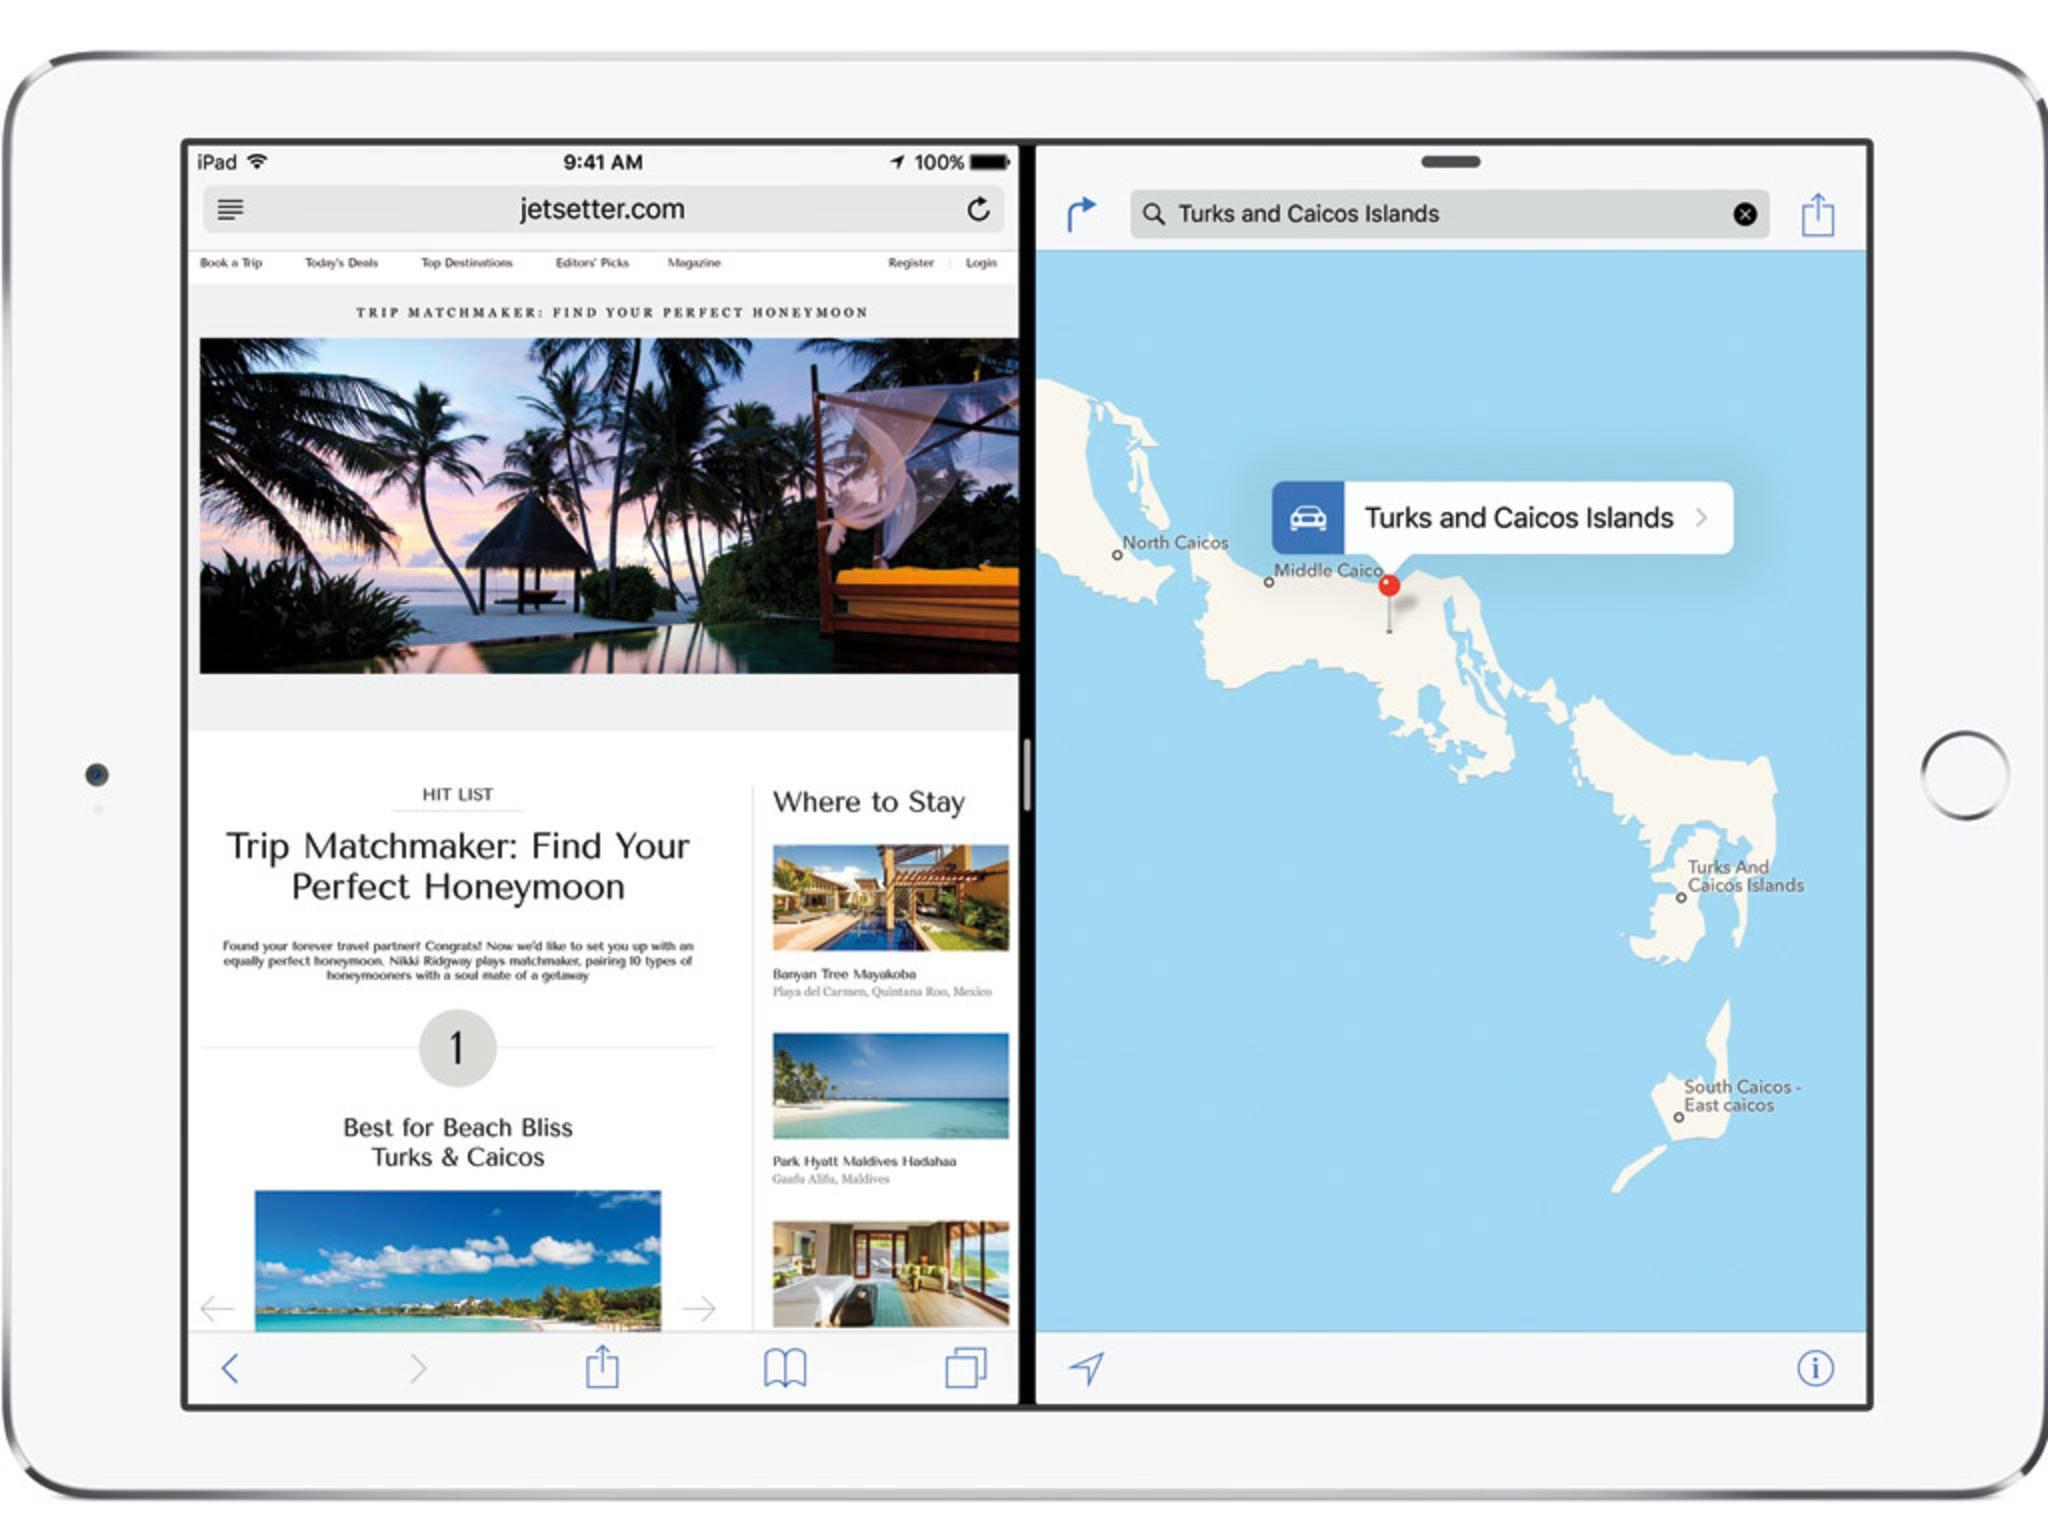 Die Split View Funktion erlaubt die Anzeige zweier Apps – leider nur auf dem iPad Air 2.